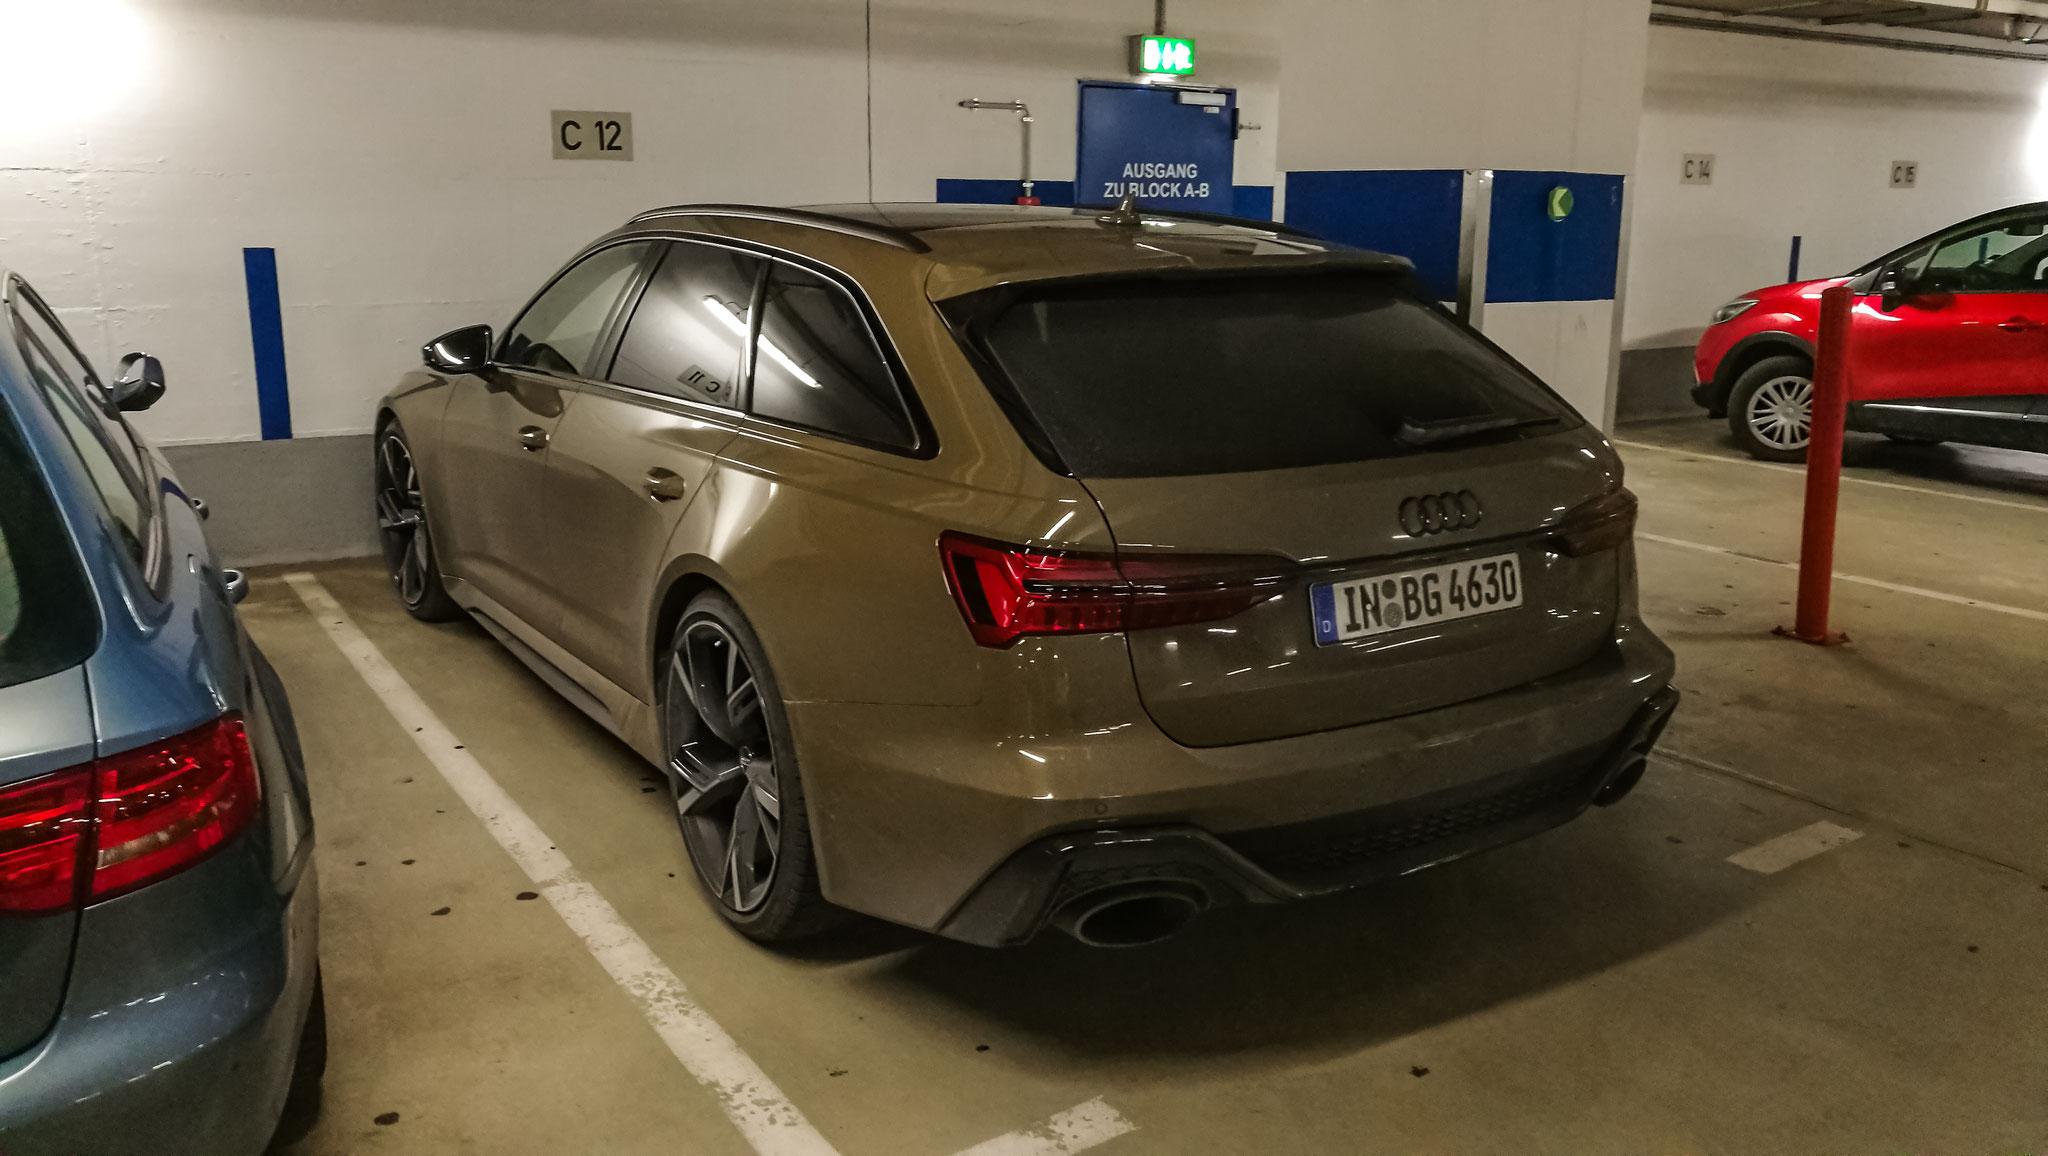 Audi RS6 - IN-BG-4630